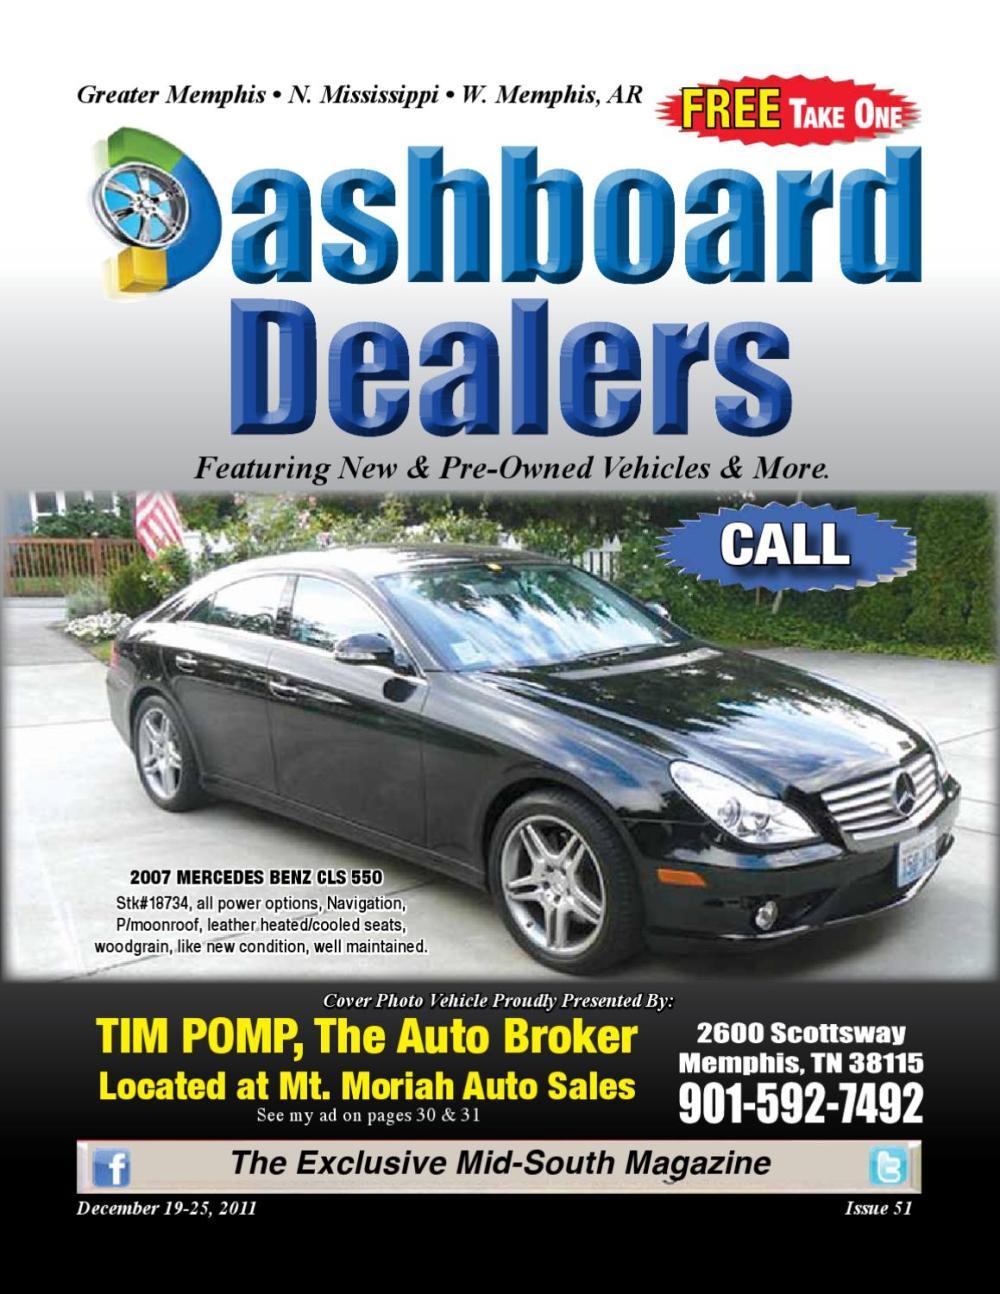 medium resolution of december 19th december 25th 2011 issue 51